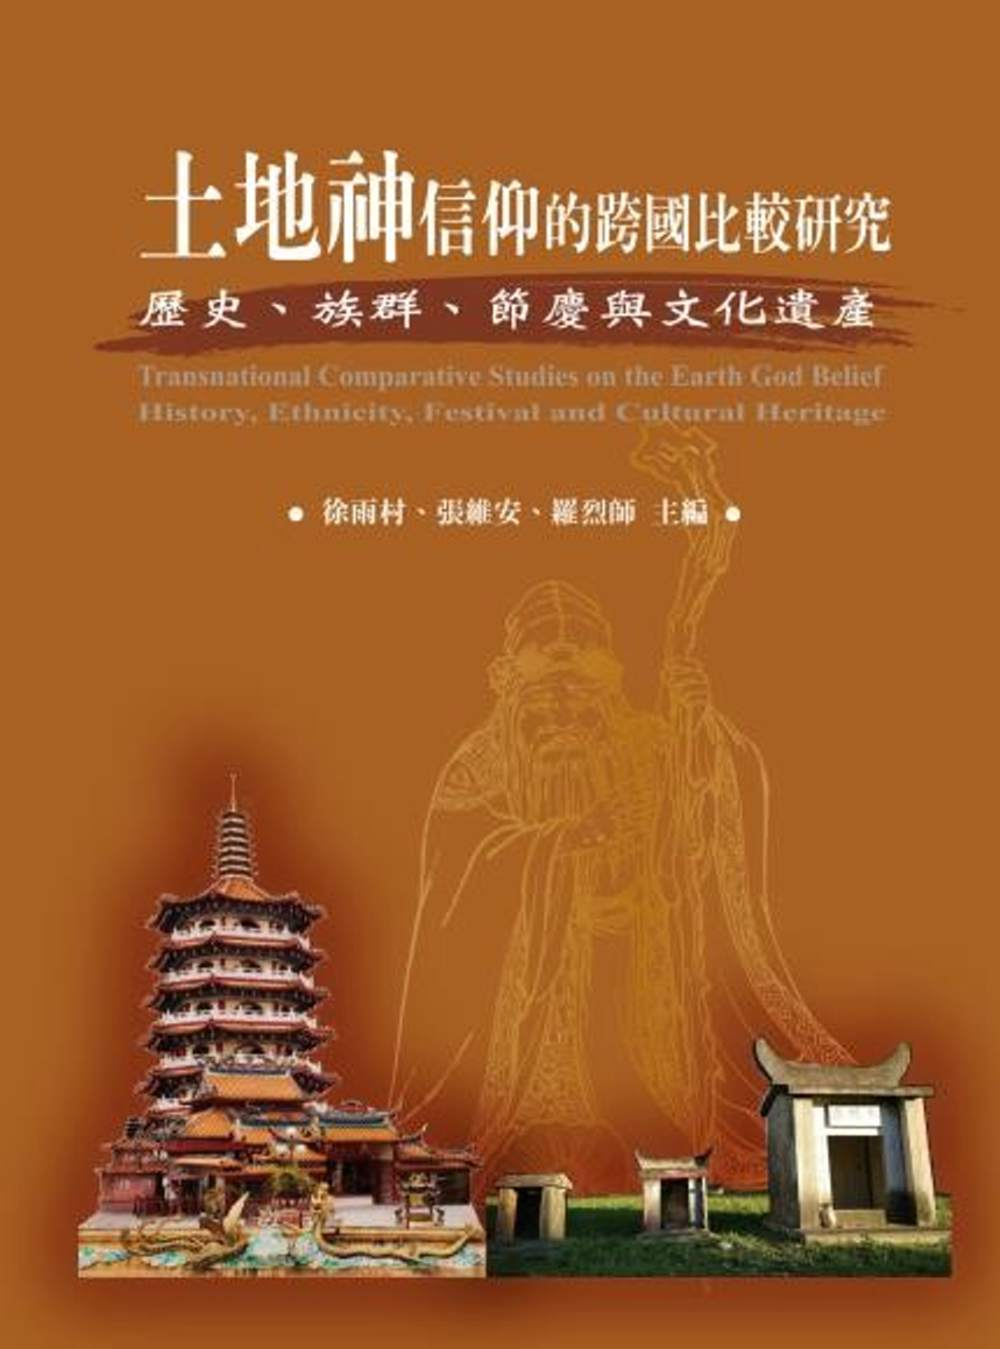 土地神信仰的跨國比較研究:歷史、族群、節慶與文化遺產